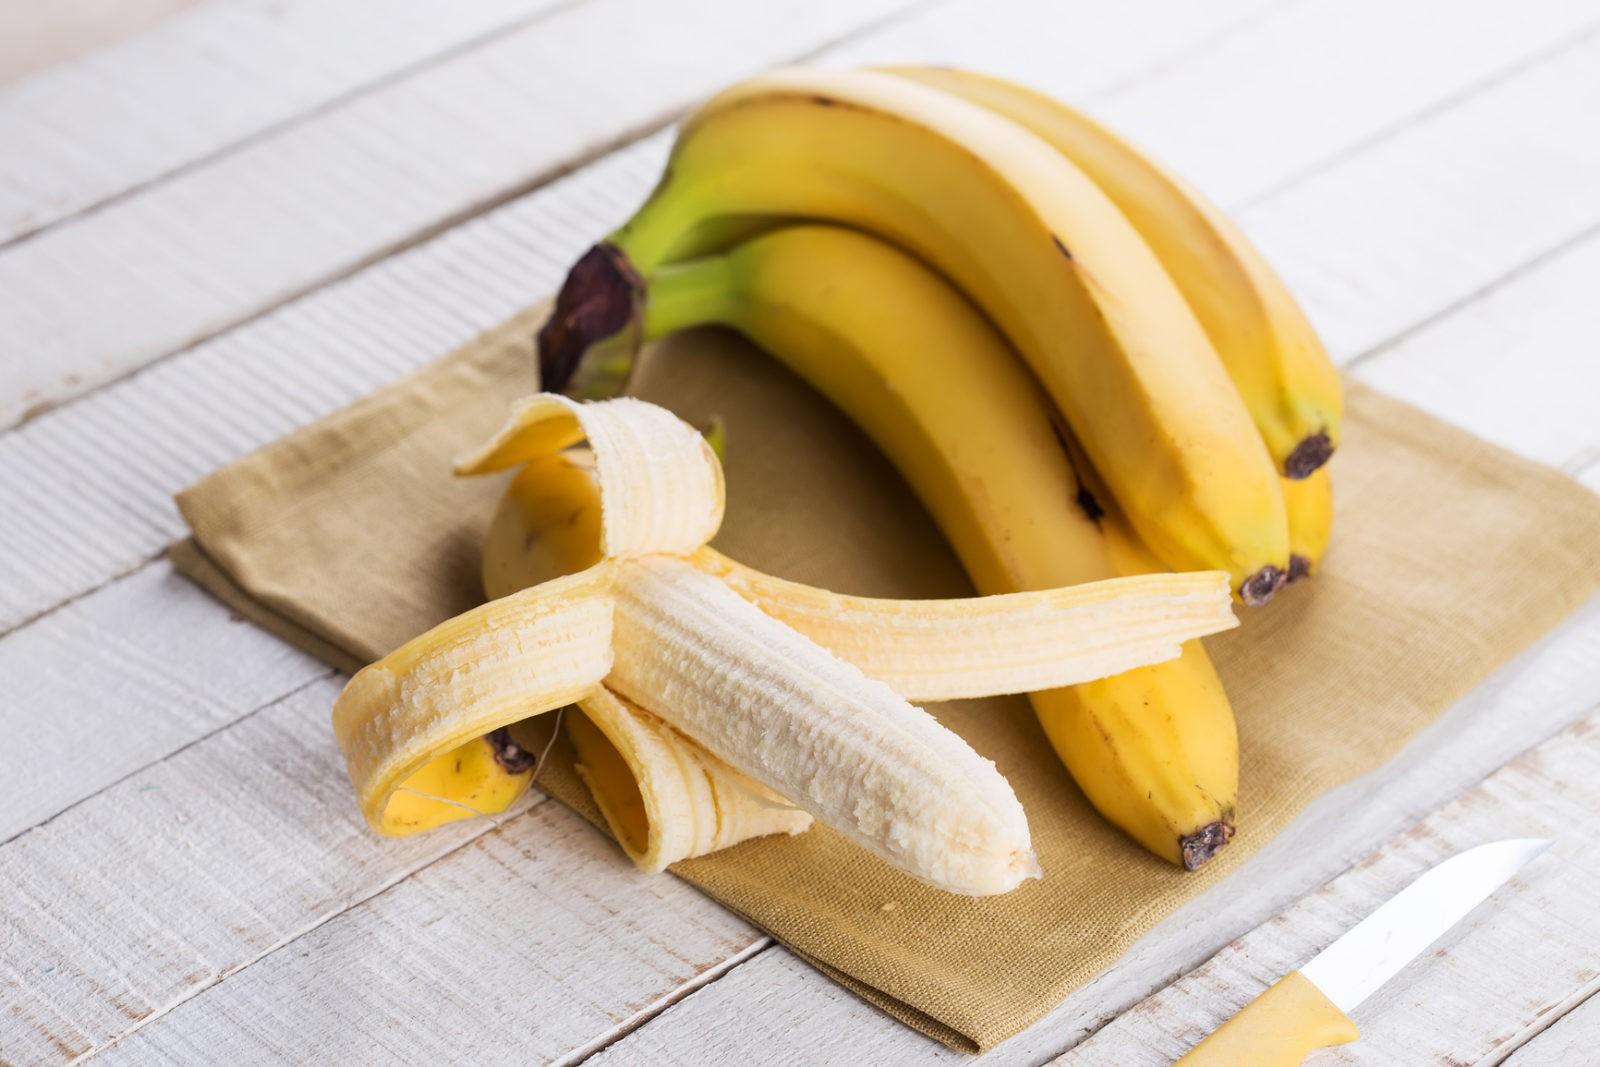 Бананы имеют высокий уровень жирности